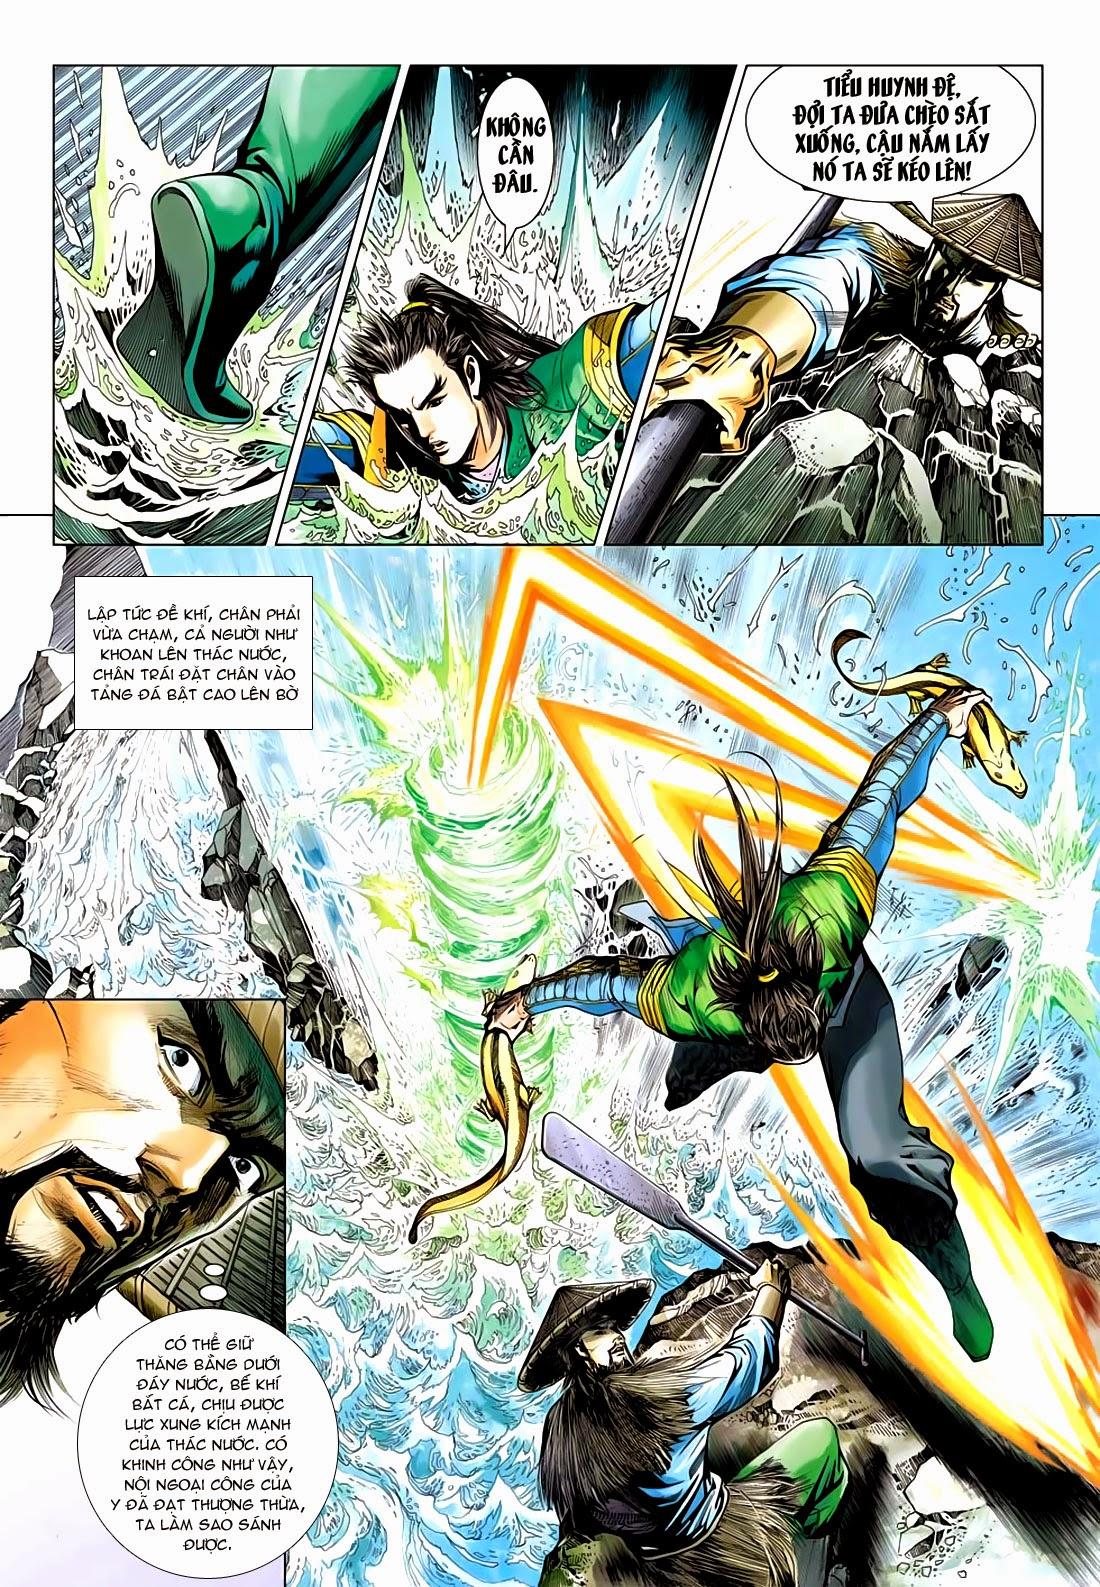 Anh Hùng Xạ Điêu anh hùng xạ đêu chap 72: ngư tiều canh độc trang 9